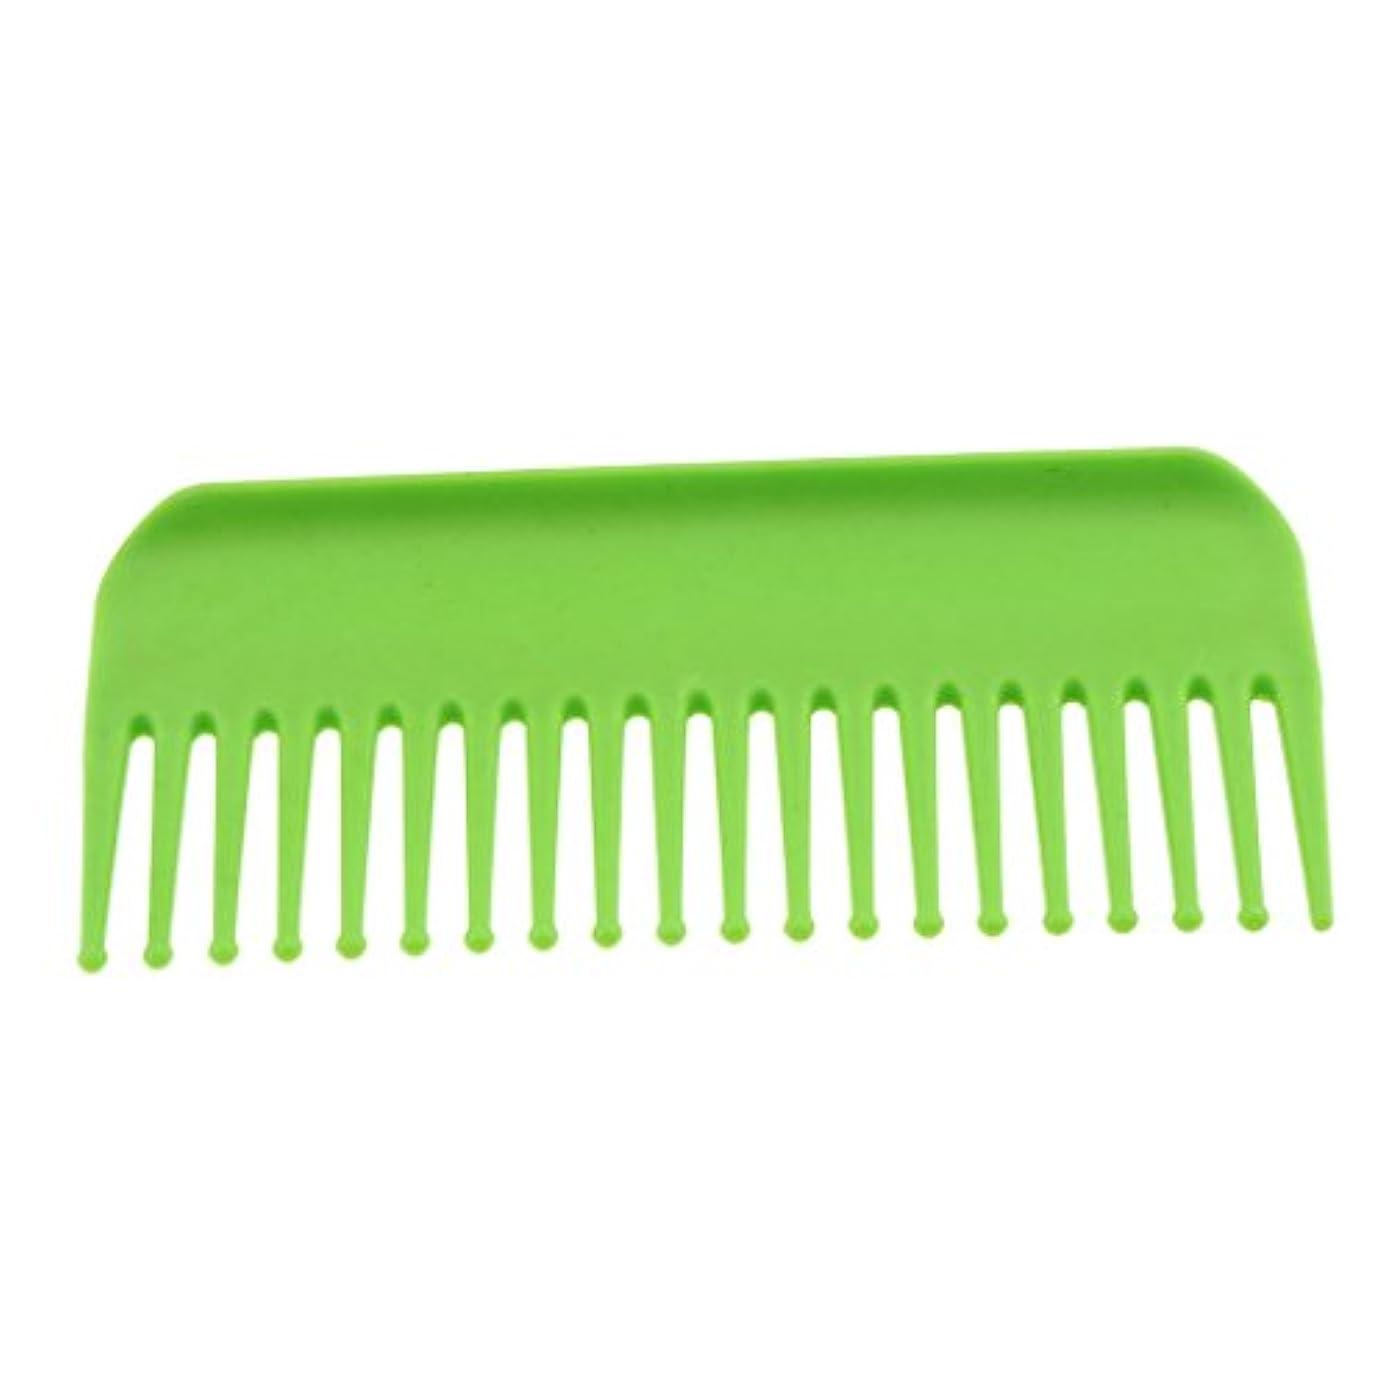 れるミリメートル冗長サロンヘアケア脱毛ヘアコームヘアブラシスタティックワイド - 緑